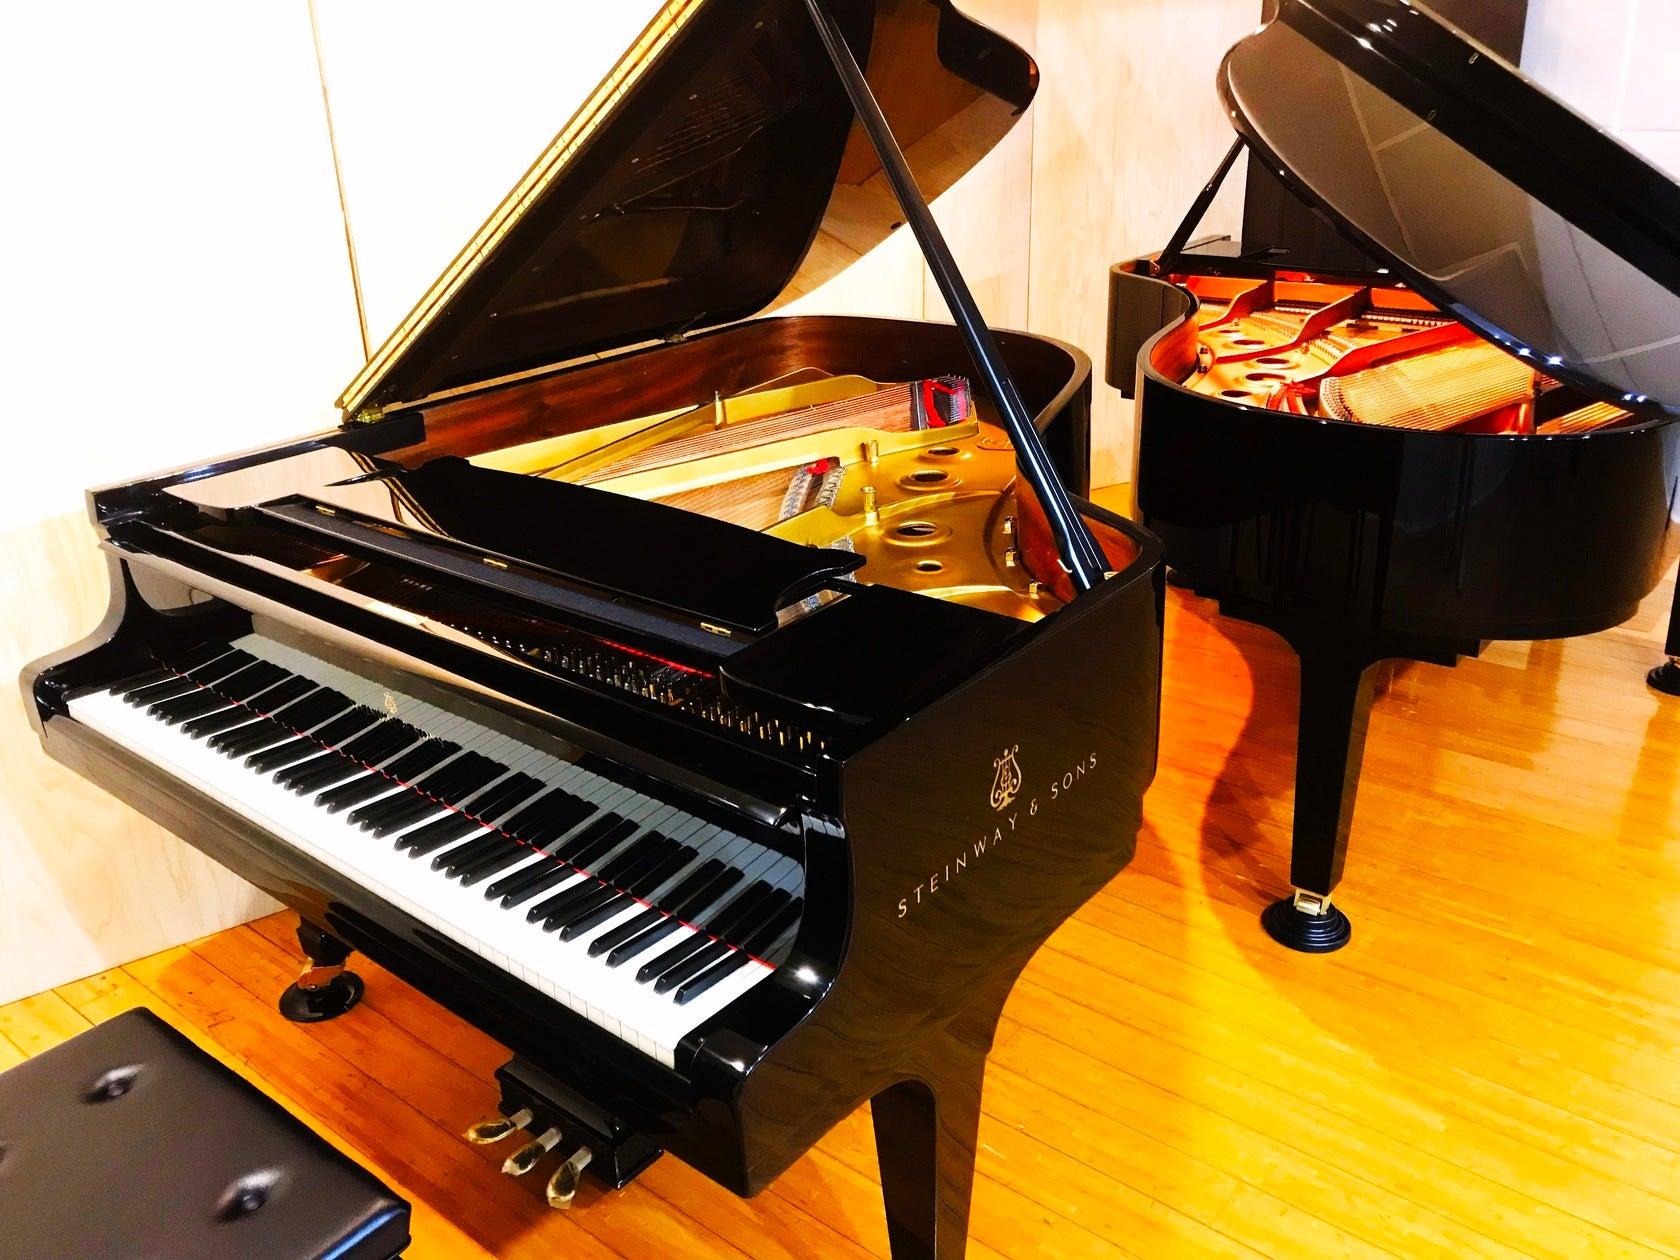 グランドピアノ2台常設!!ピアノスタジオ♫撮影やピアノの練習、小規模コンサートなどに♫(グランドピアノ2台常設!!ピアノの練習や小規模コンサートなどに★) の写真0